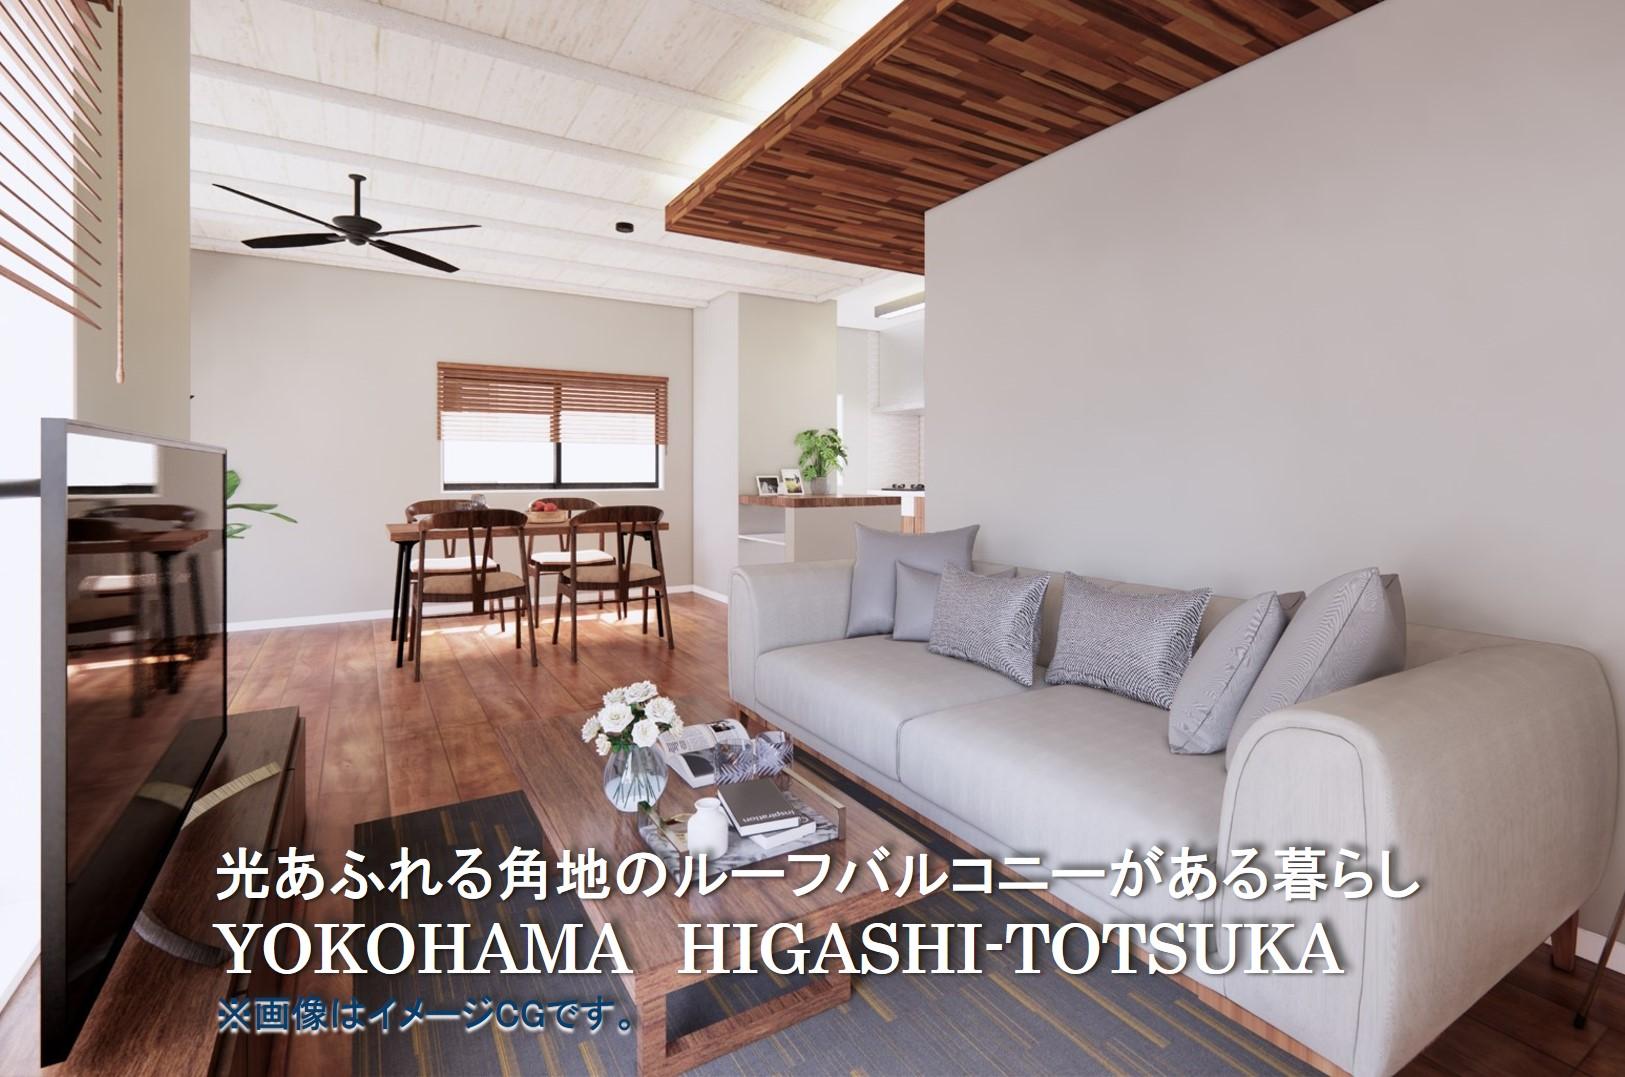 光あふれる角地のルーフバルコニーがある暮らし YOKOHAMA HIGASHI-TOTSUKA